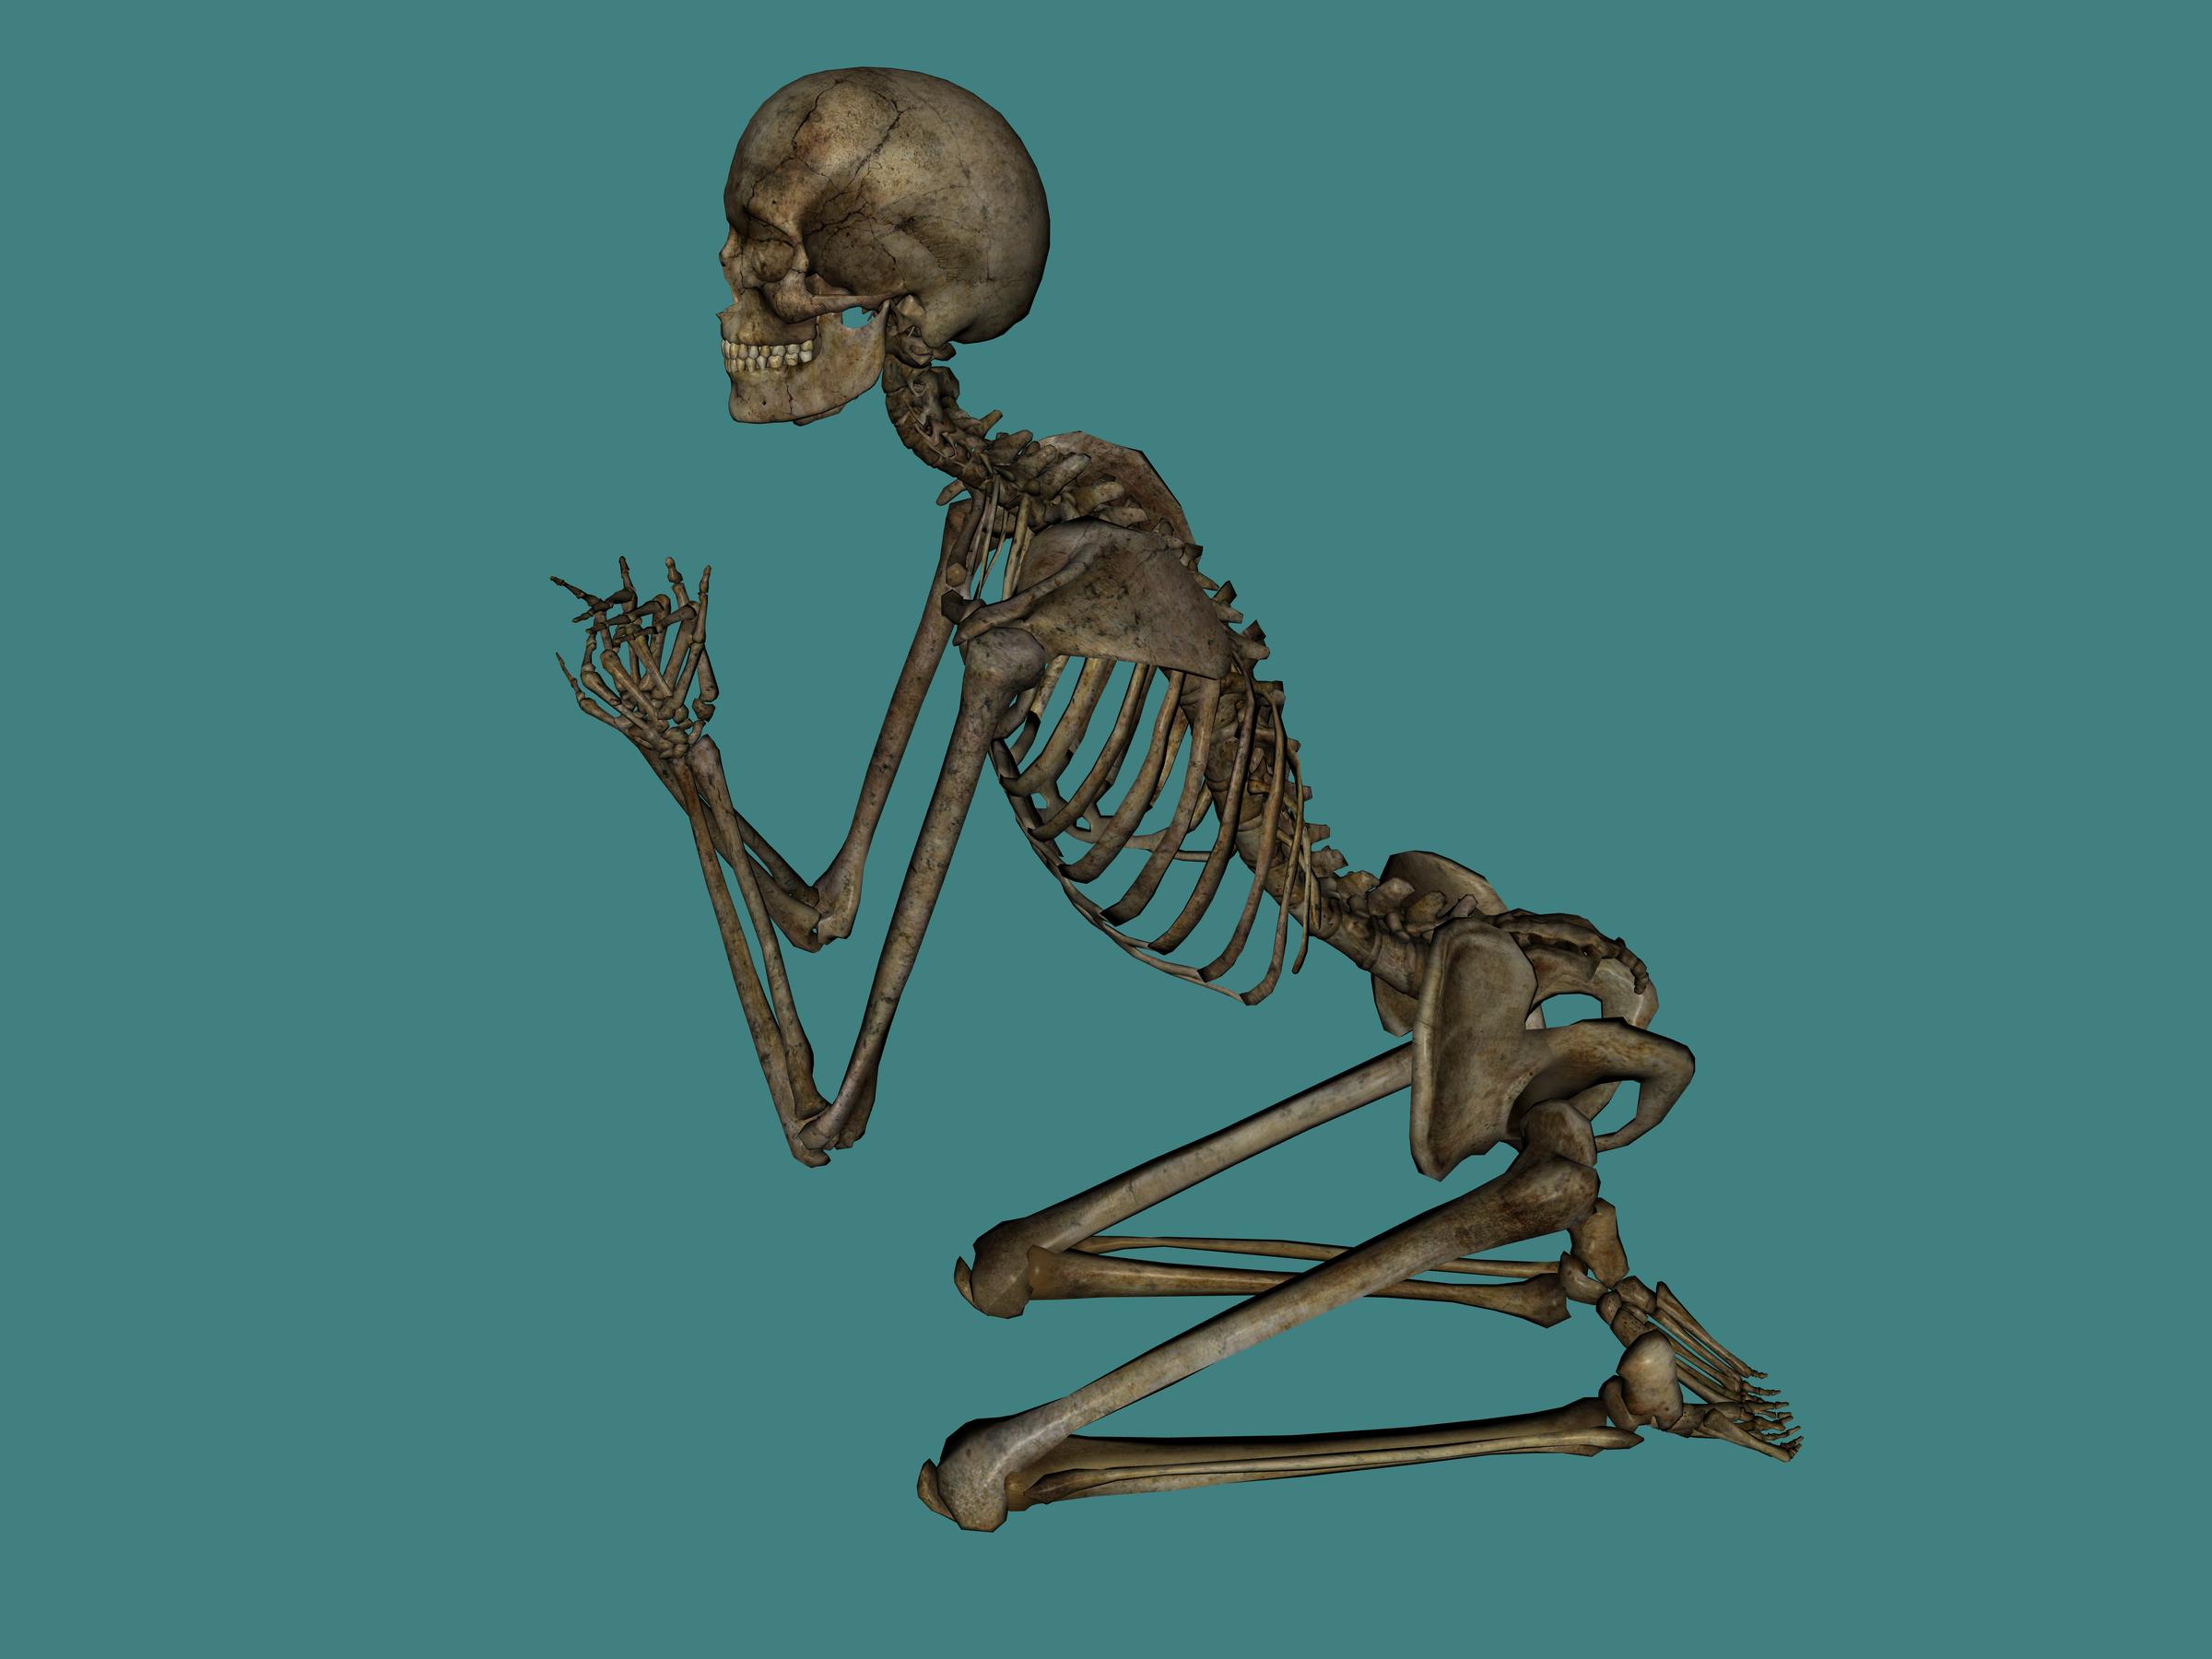 Skeleton PNG image